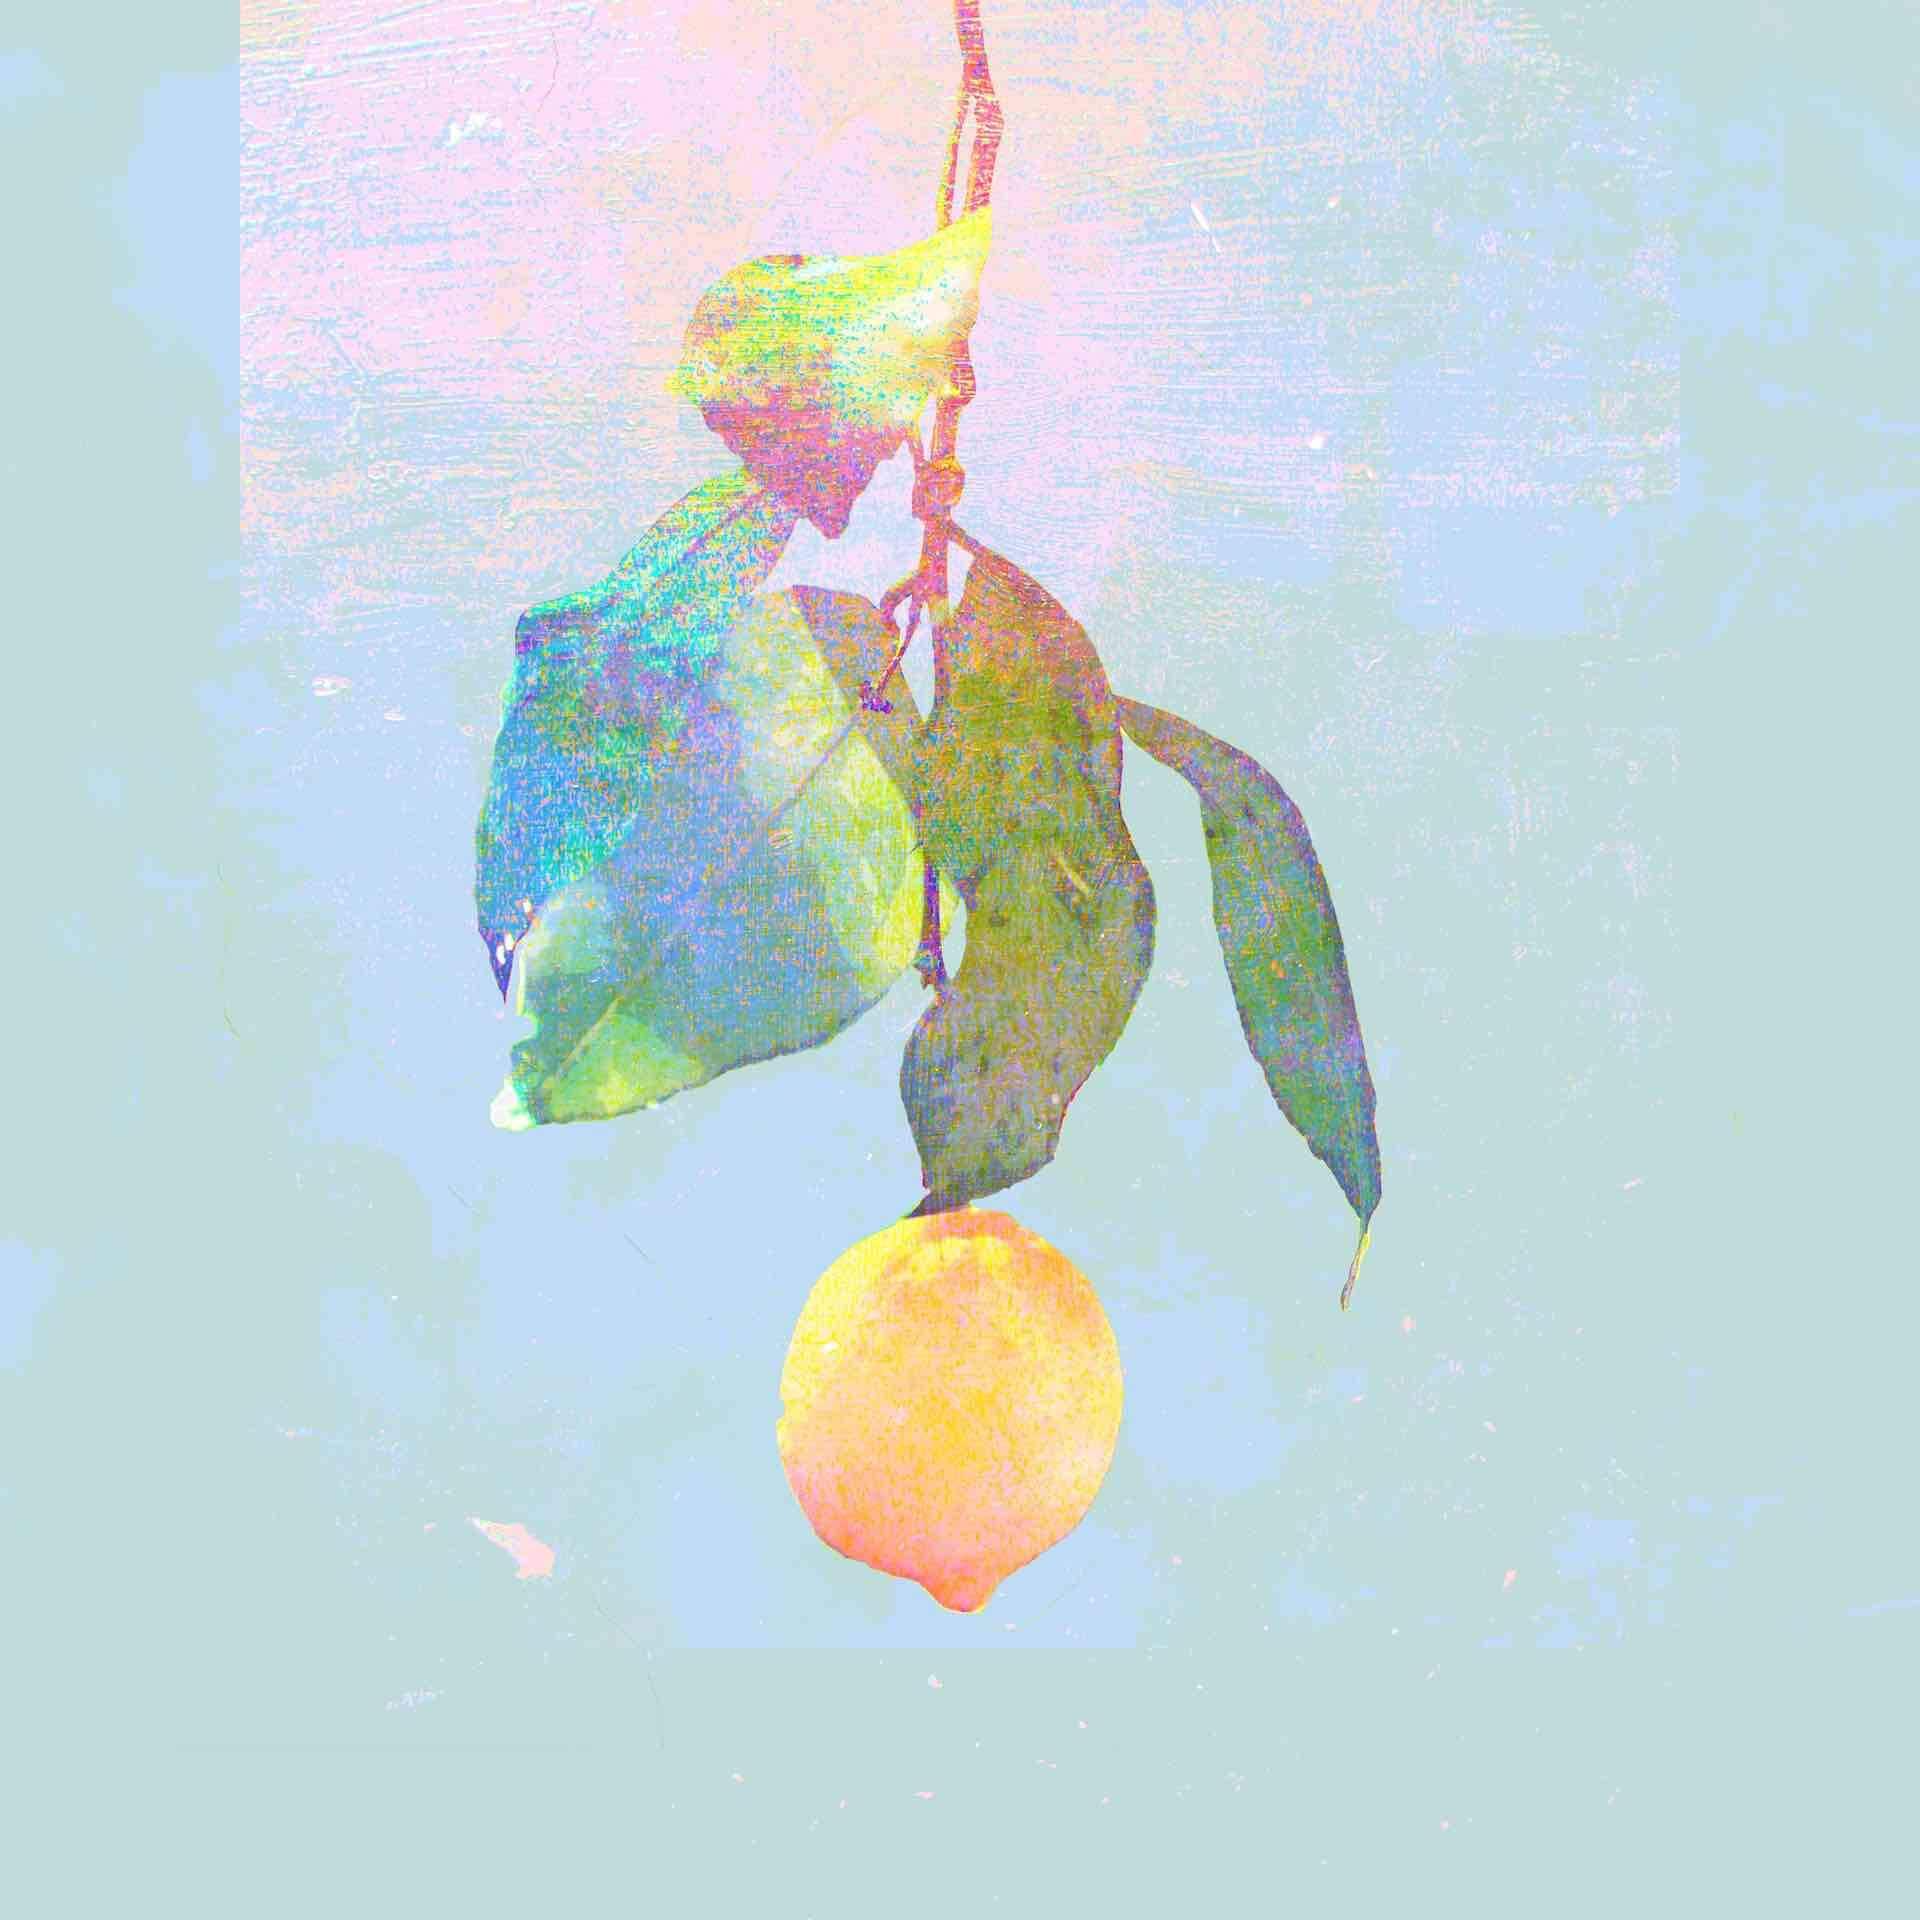 """カラオケの定番といえば米津玄師「Lemon」!前人未踏のカラオケランキング""""85週""""連続1位を記録 music191108_yonezukenshi_lemon_main"""